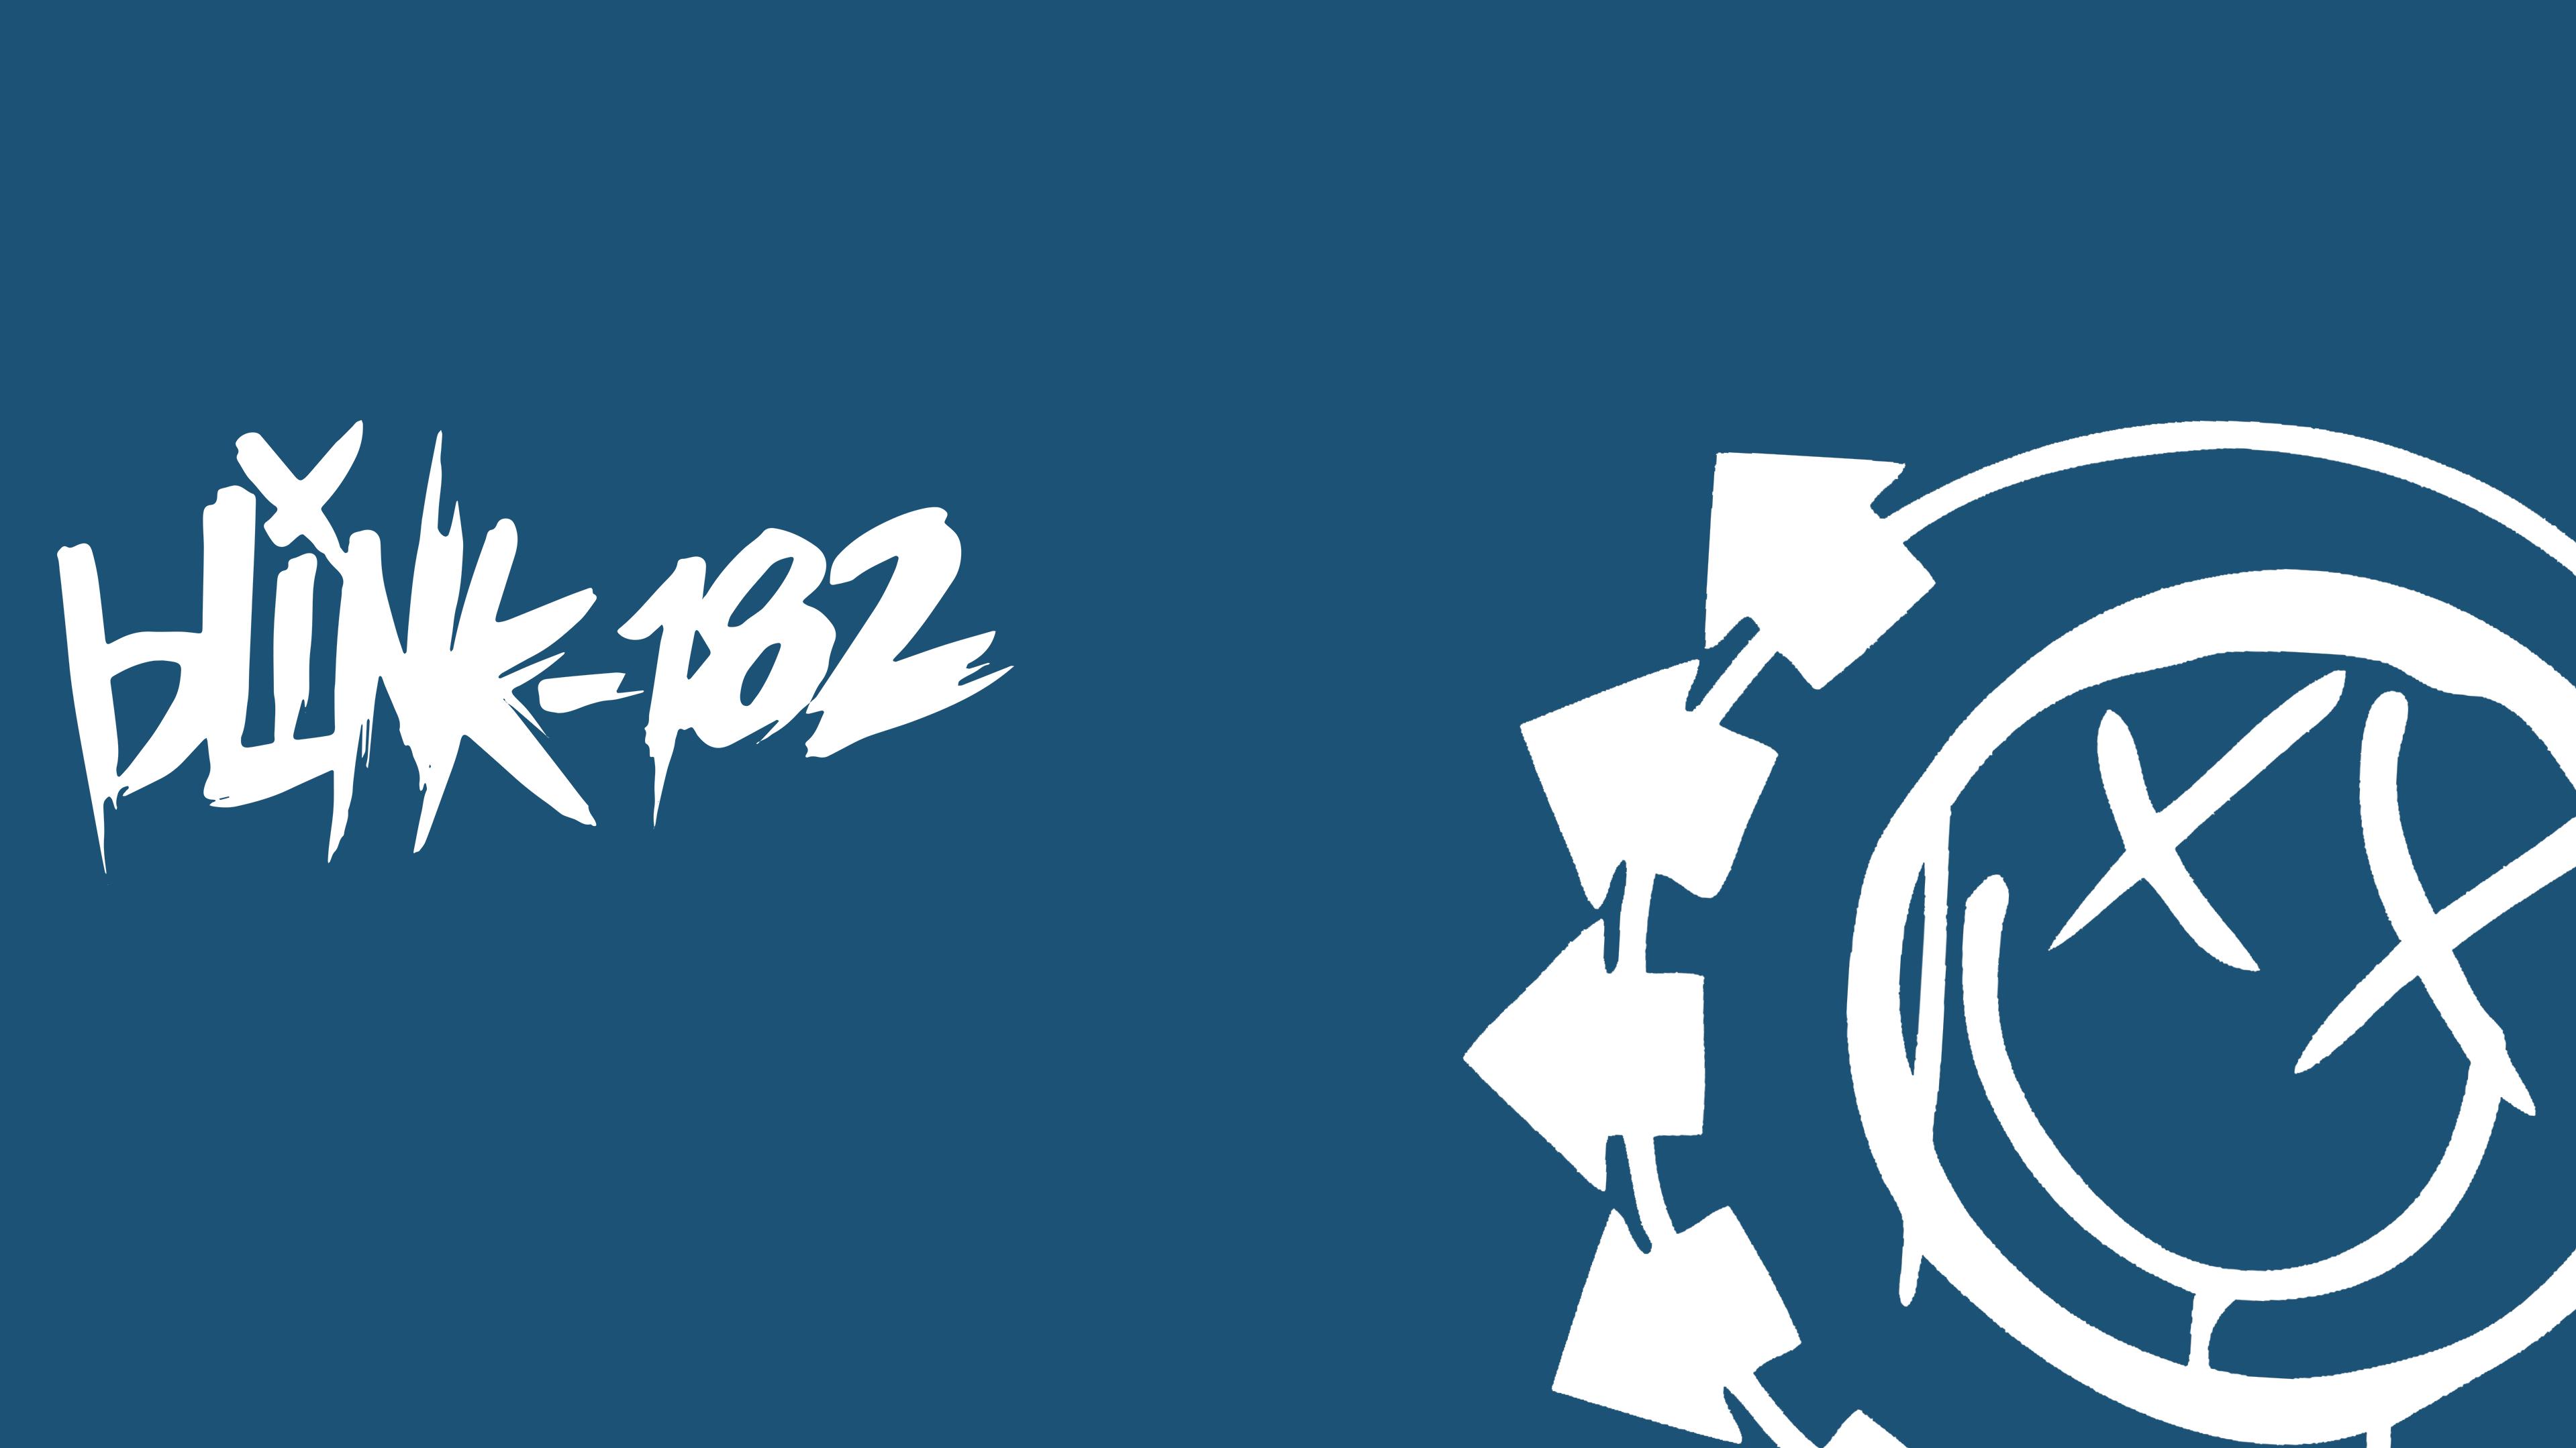 Best 20 Blink 182 Background on HipWallpaper Blink 182 Smiley 3838x2158